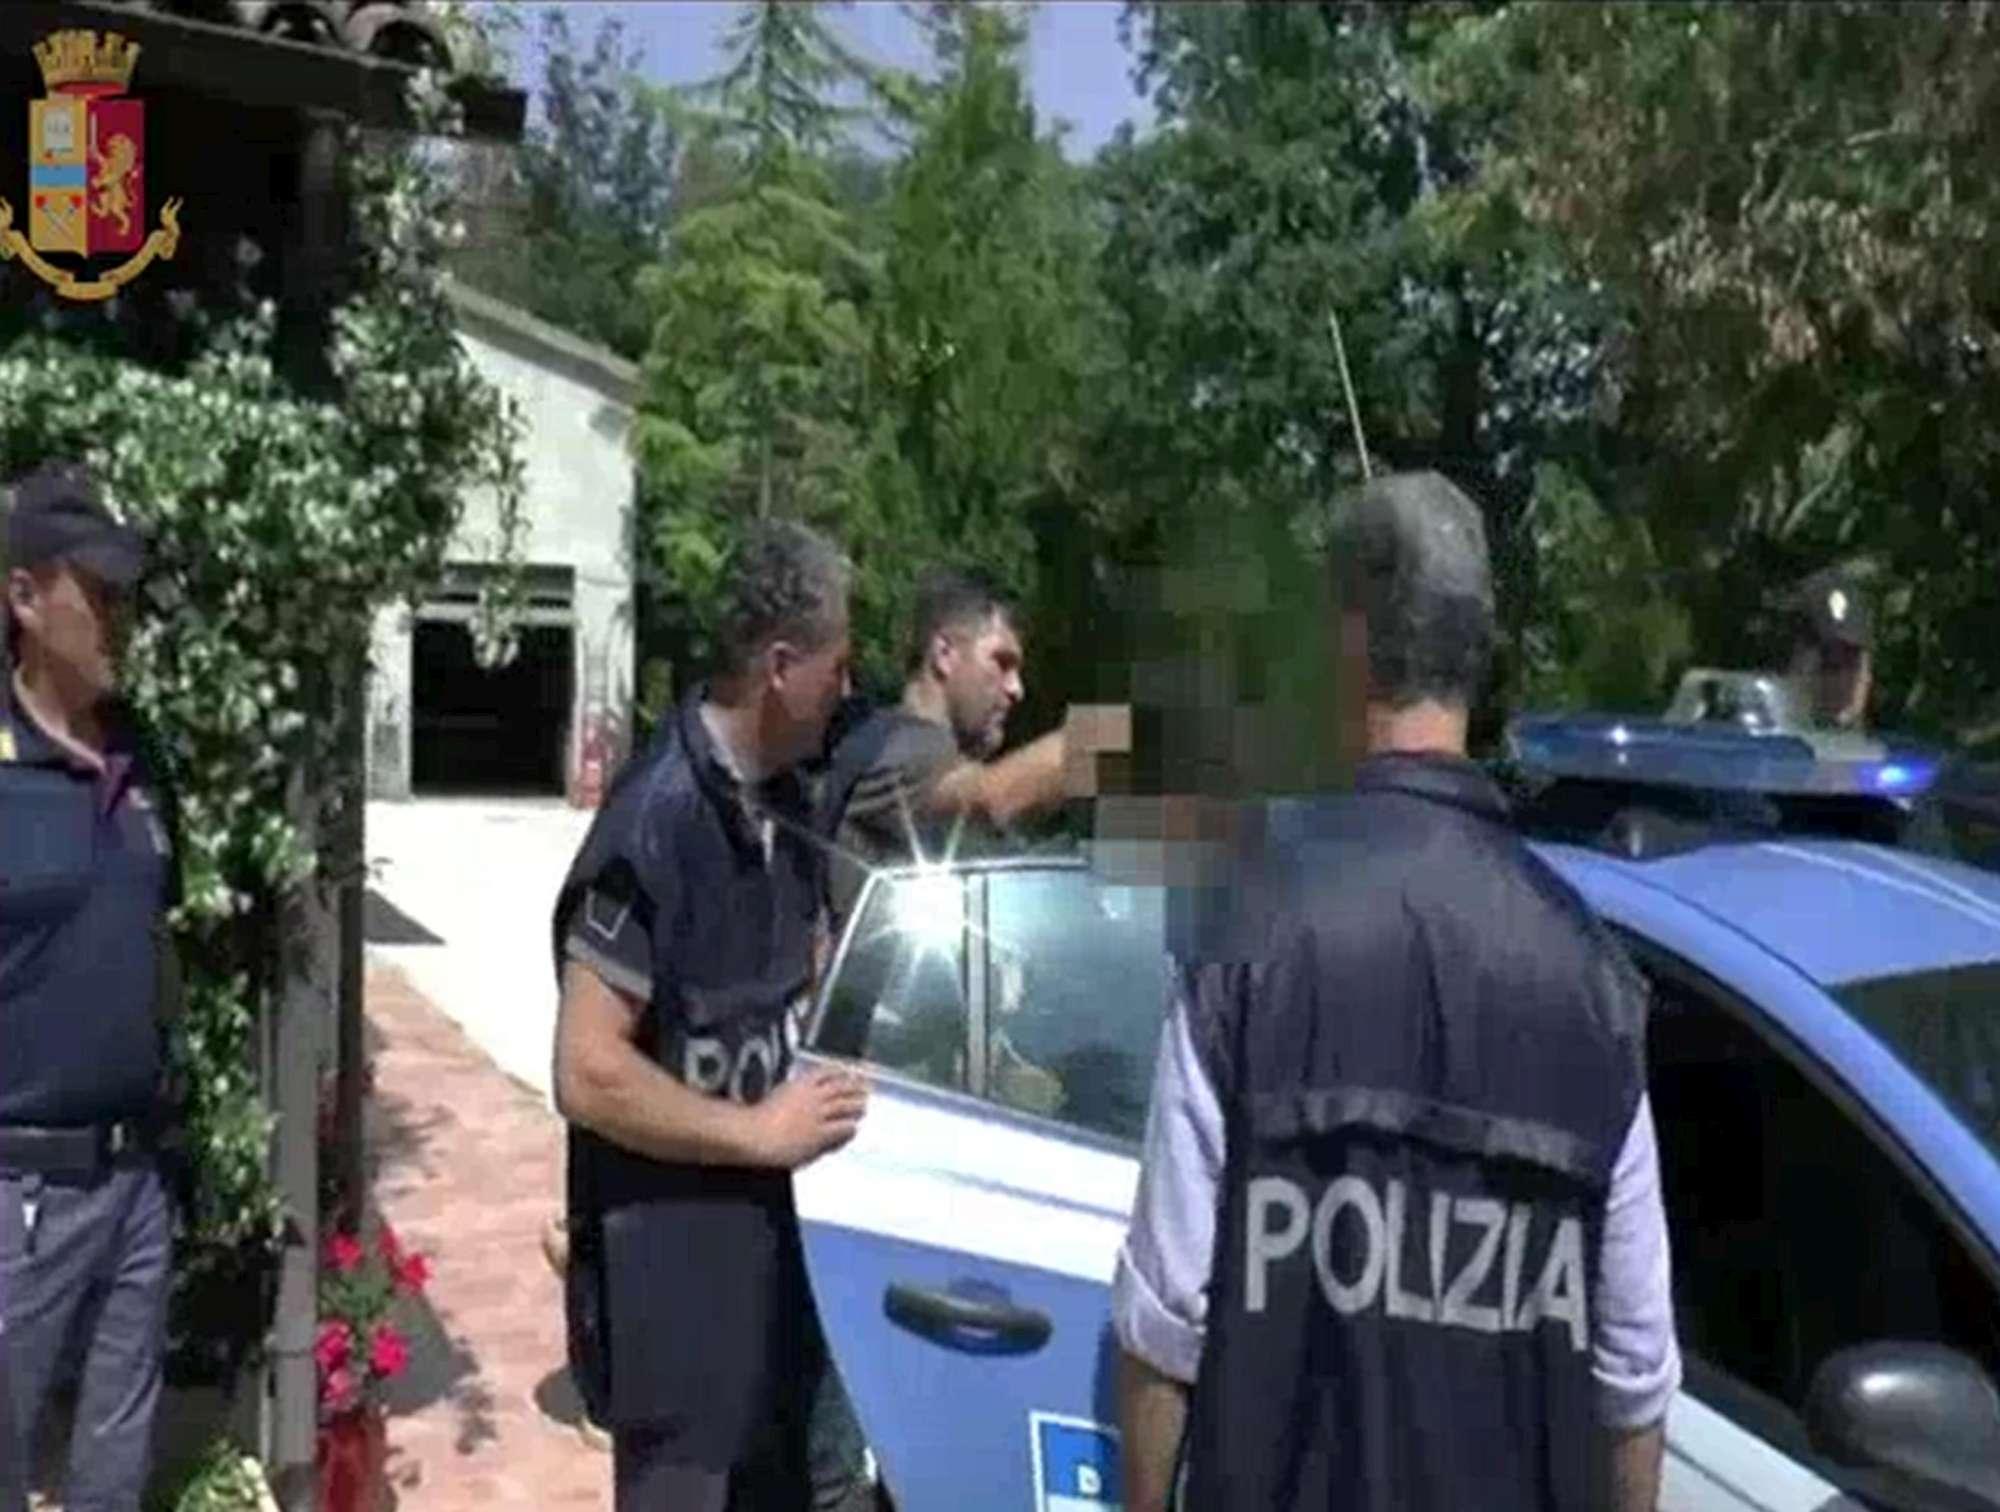 Rapporti non protetti con l'Hiv: arrestato